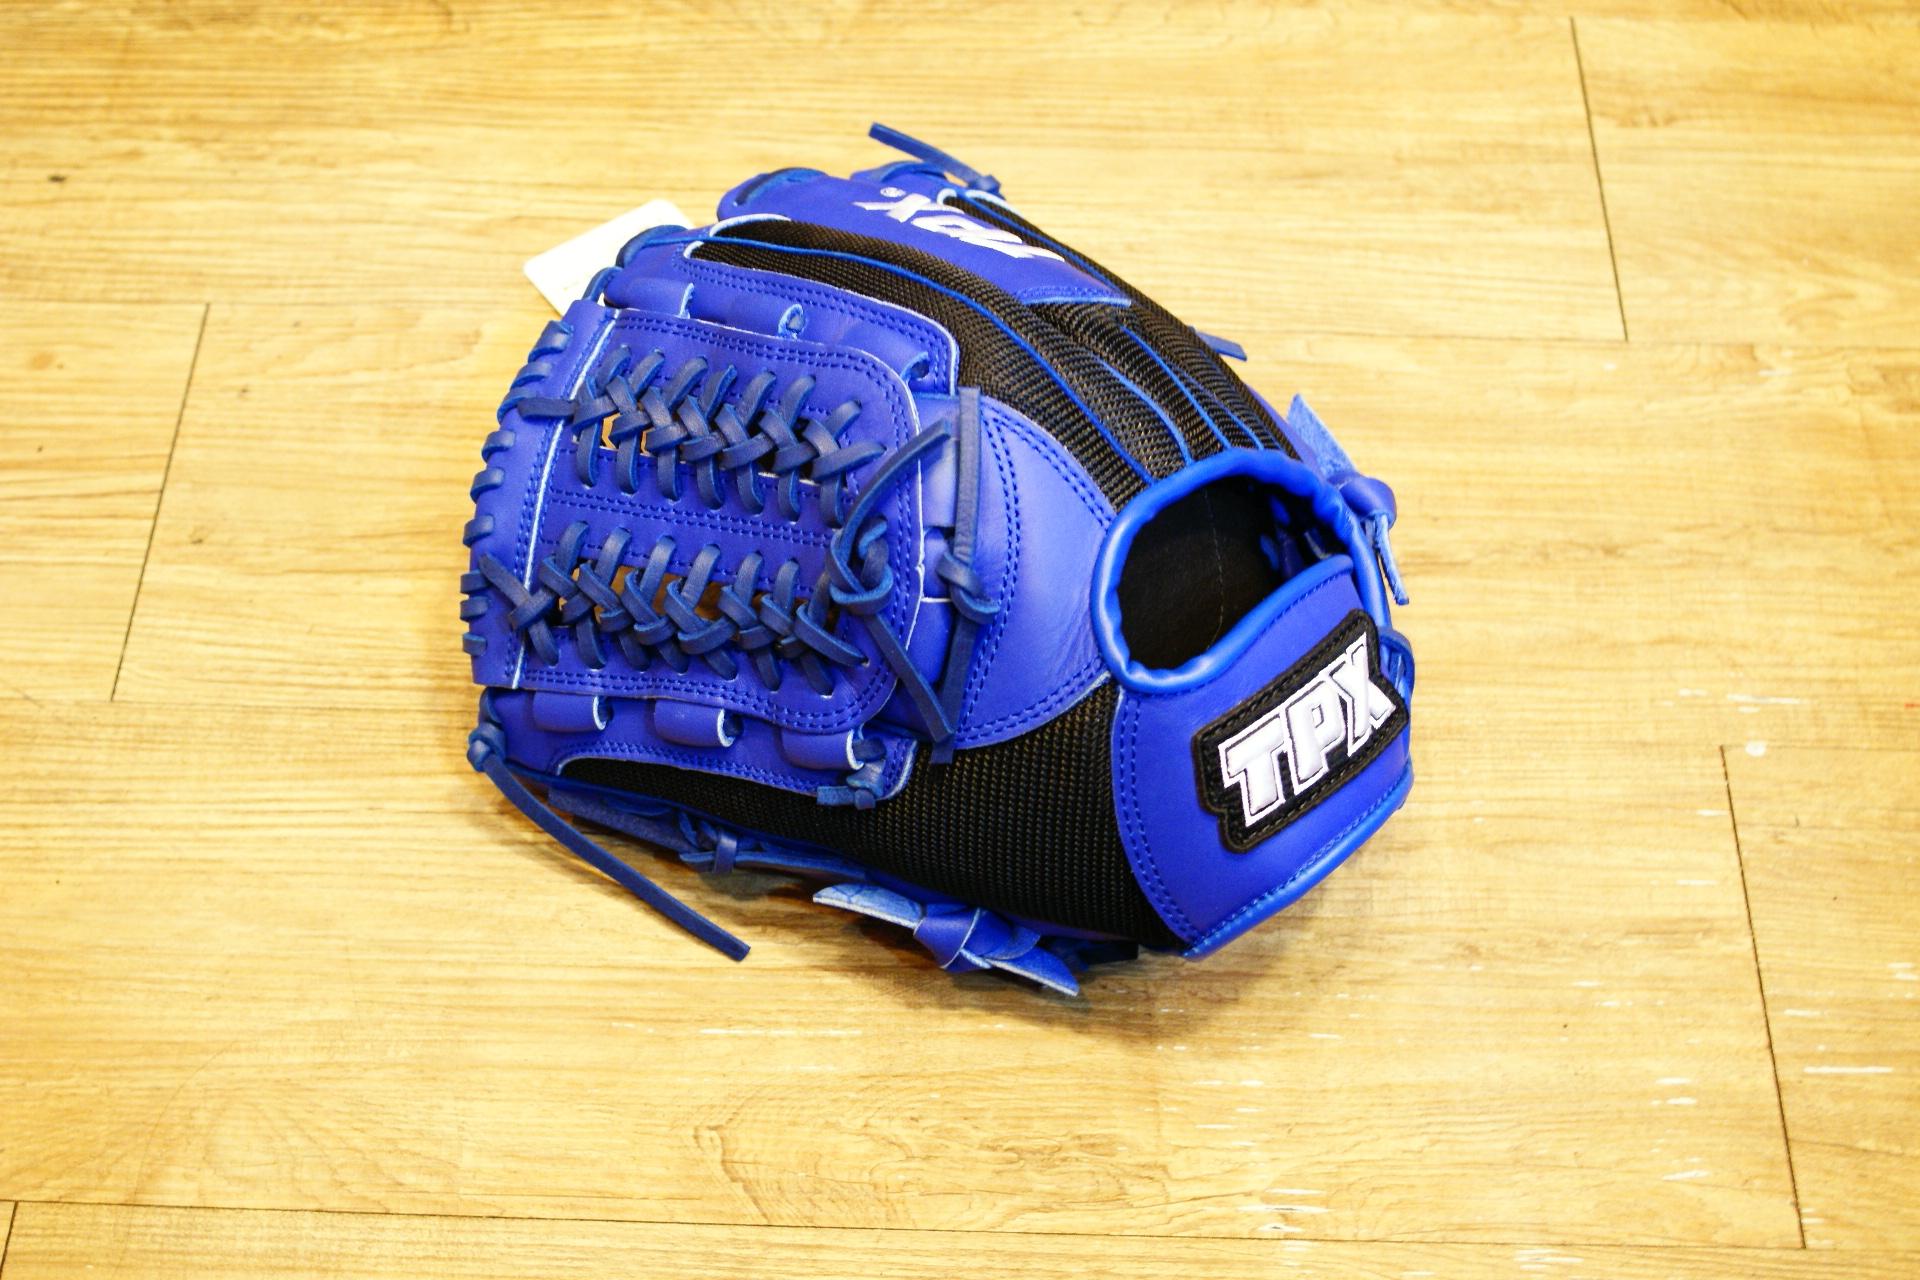 棒球世界 Louisvill Slugger 路易斯威爾TPX 布織布 內網棒壘球手套 特價 反手用